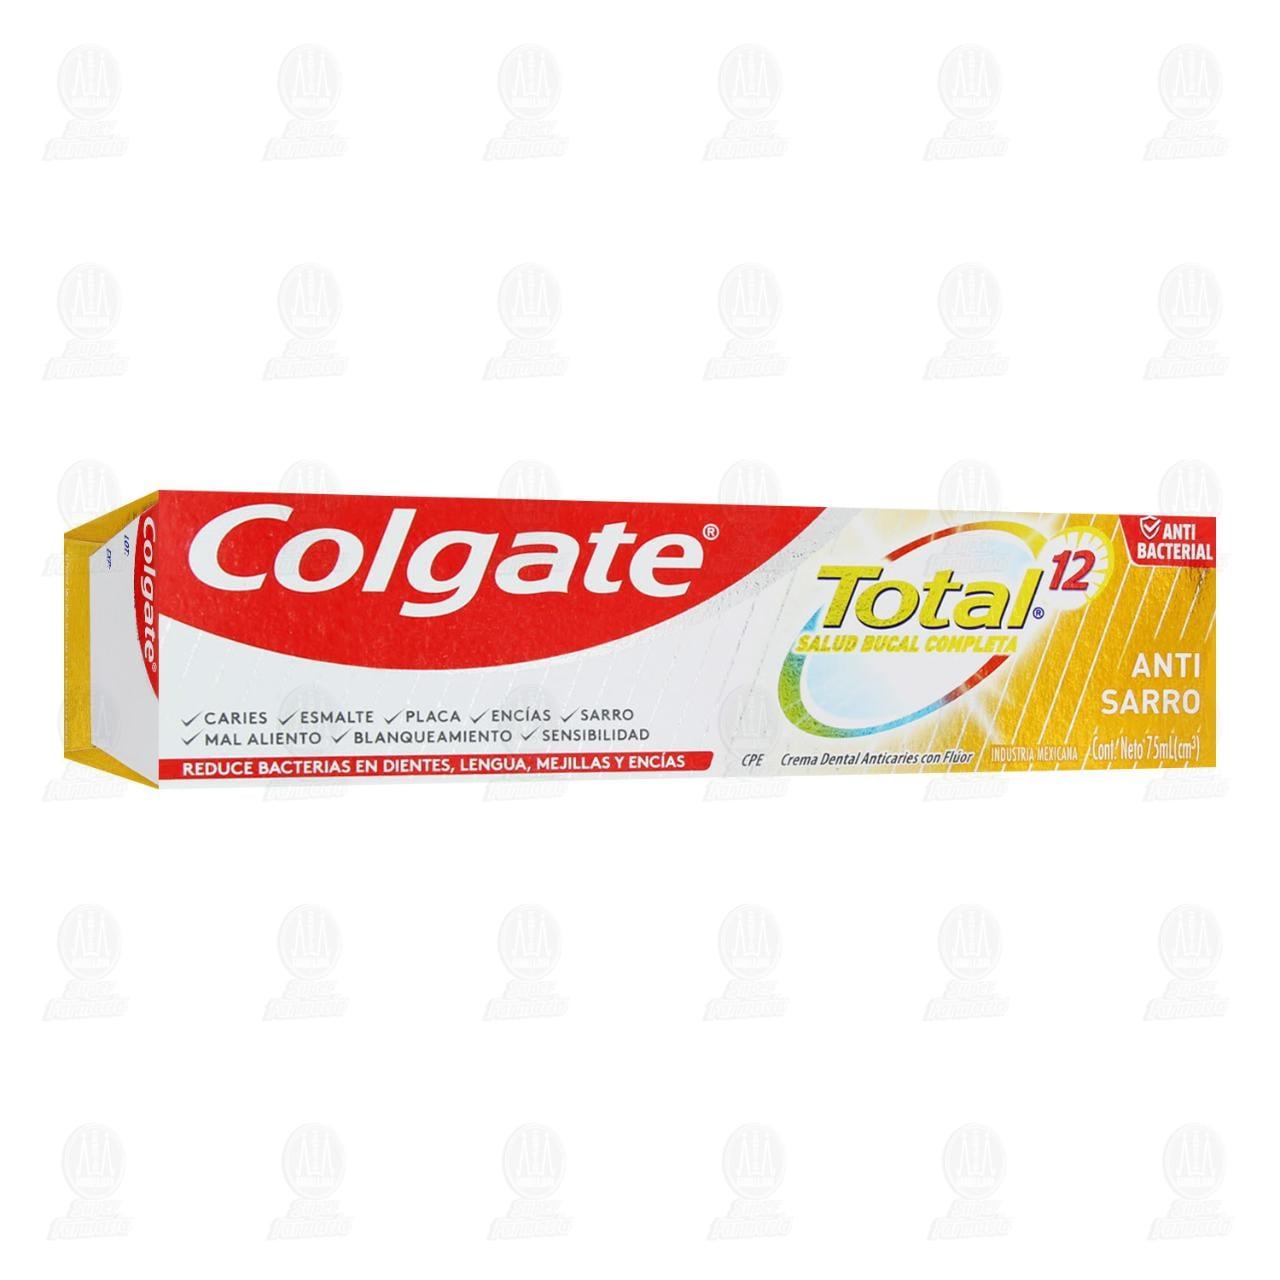 comprar https://www.movil.farmaciasguadalajara.com/wcsstore/FGCAS/wcs/products/1348582_A_1280_AL.jpg en farmacias guadalajara